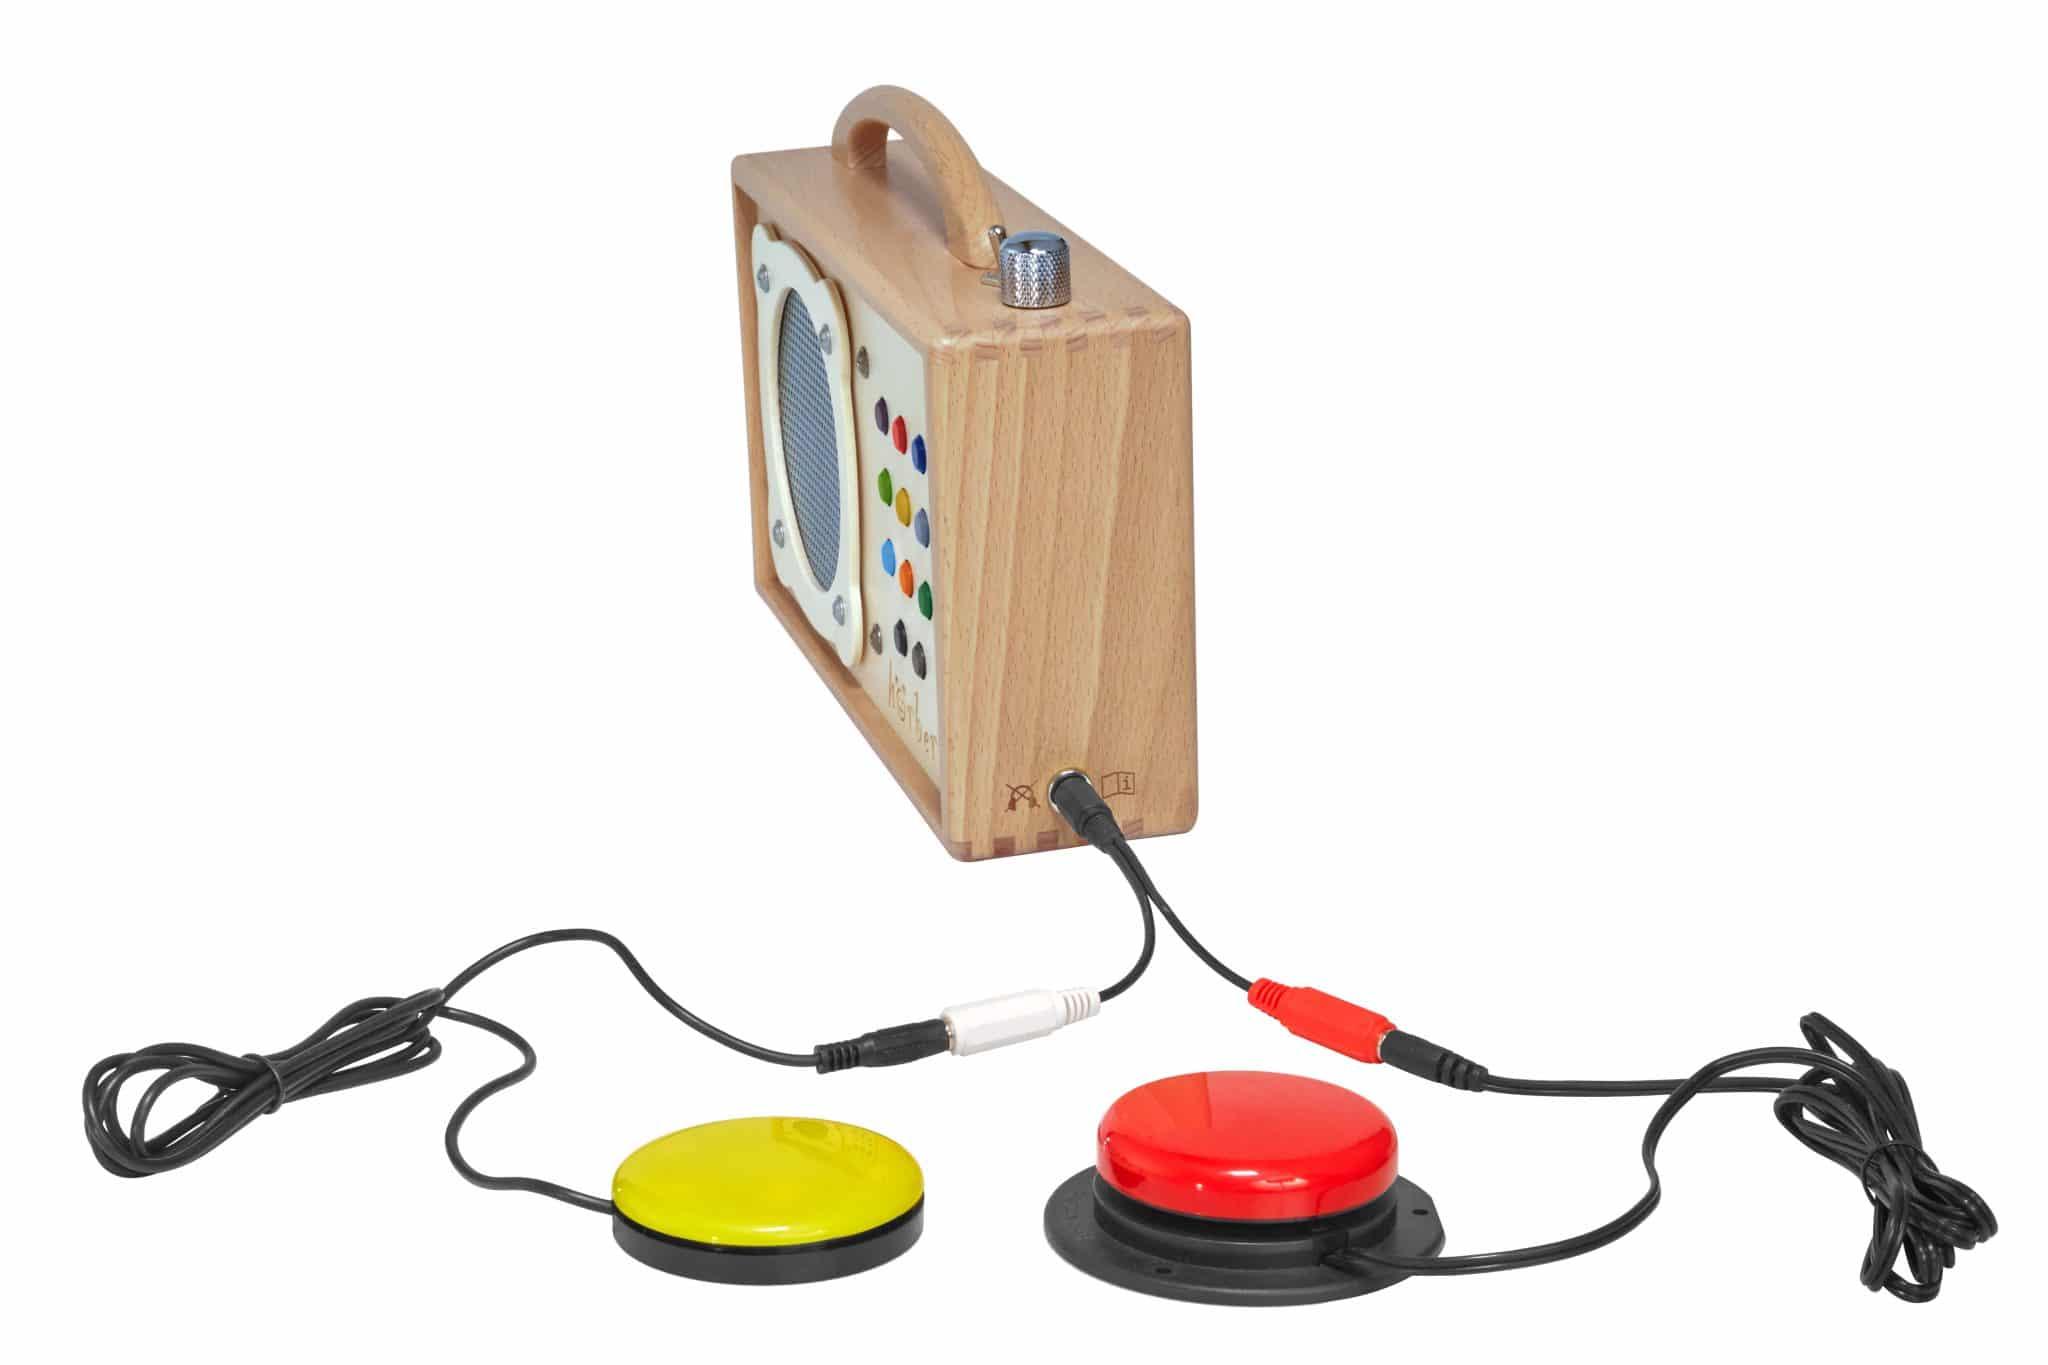 10 Jahre hörbert barrierefrei mit y-Stecker und jelly-button in rot und gelb